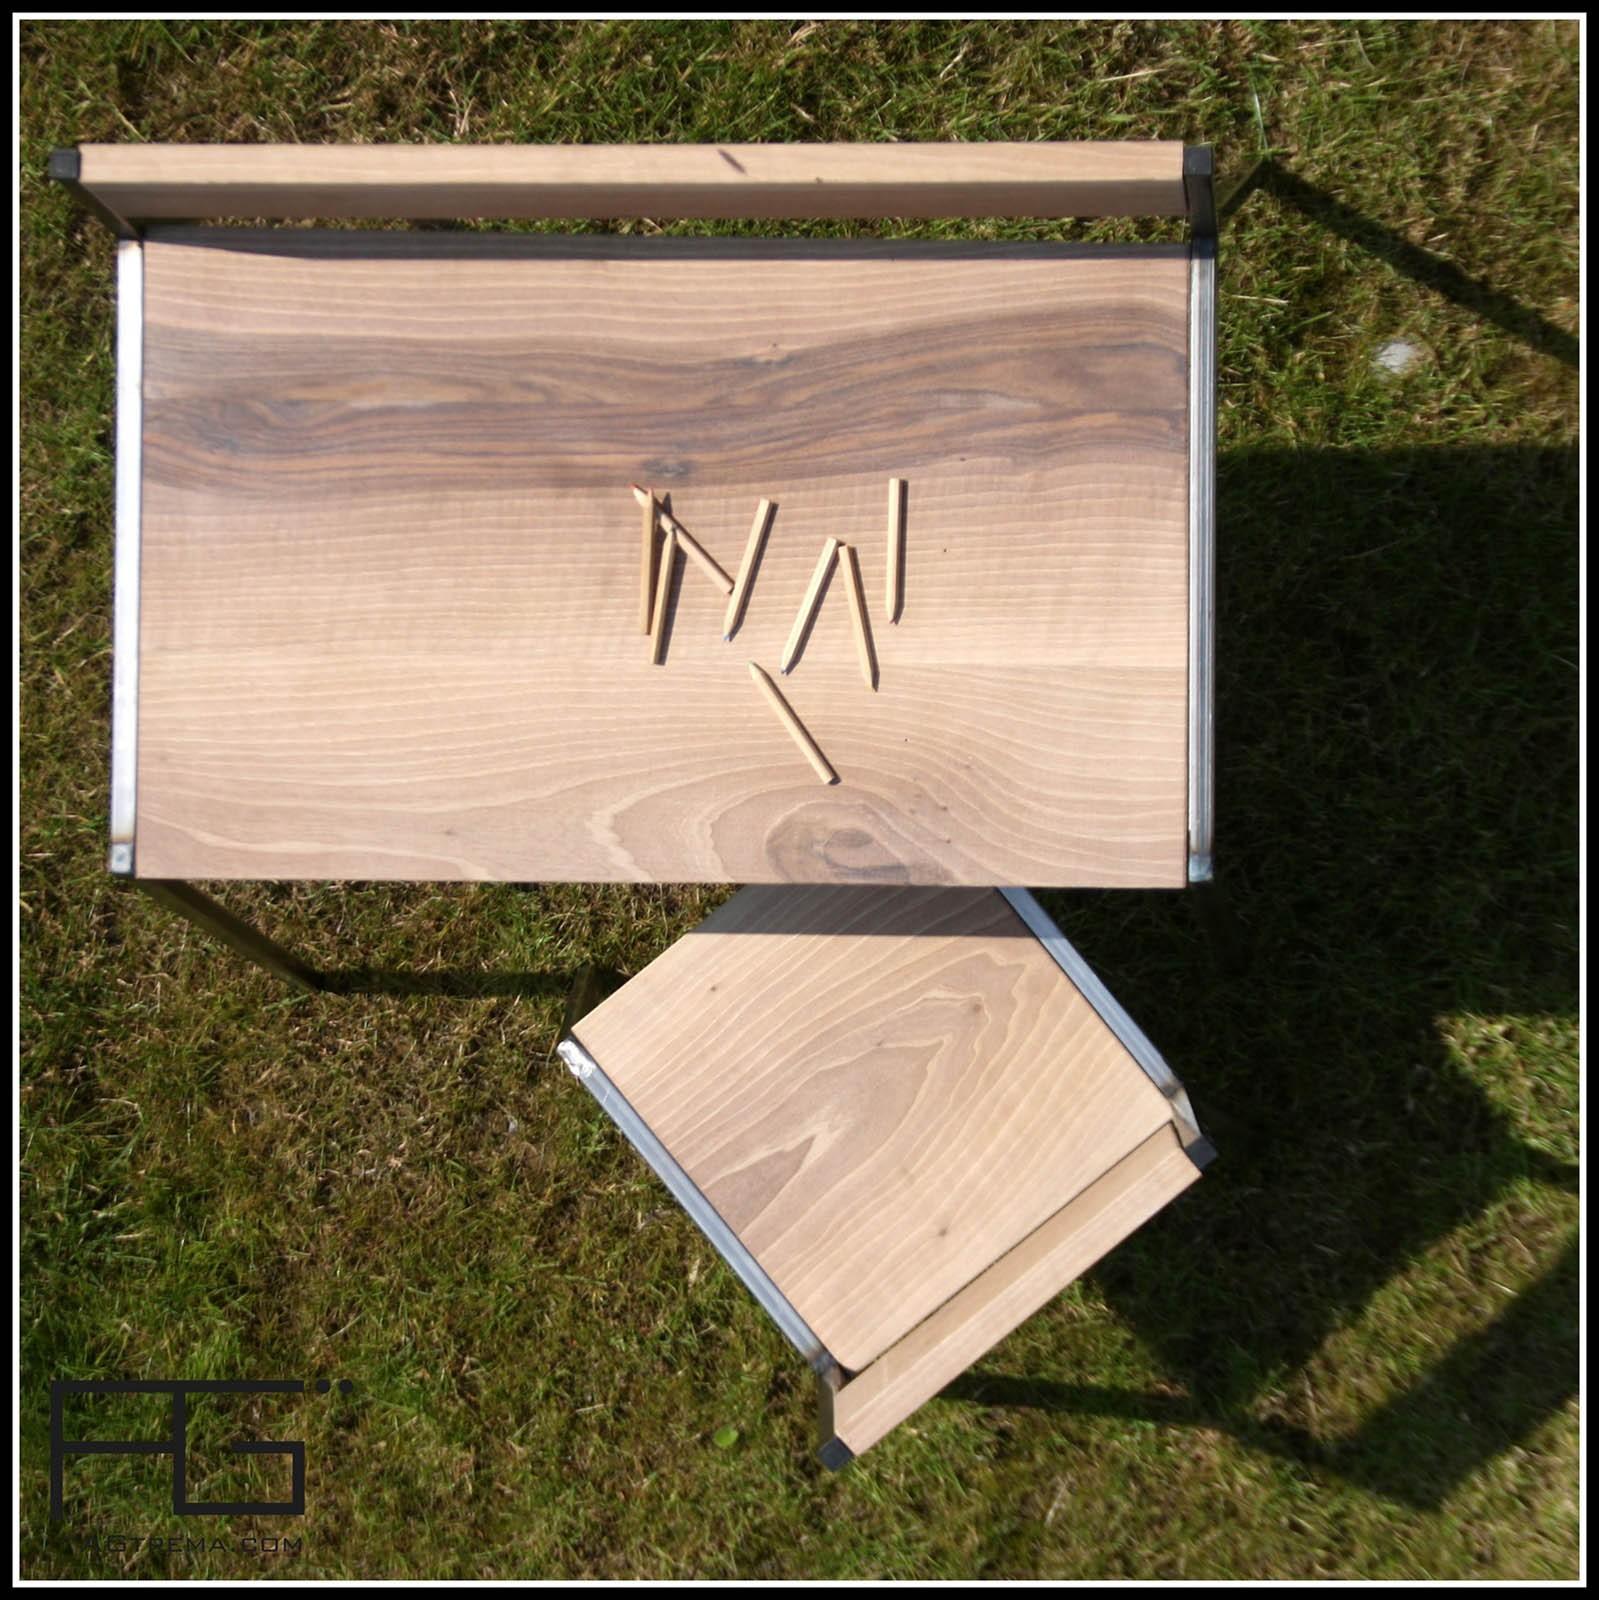 Bureau Enfant 2 Ans bureau enfant bella, 2-8 ans bois massif, acier, artisanat